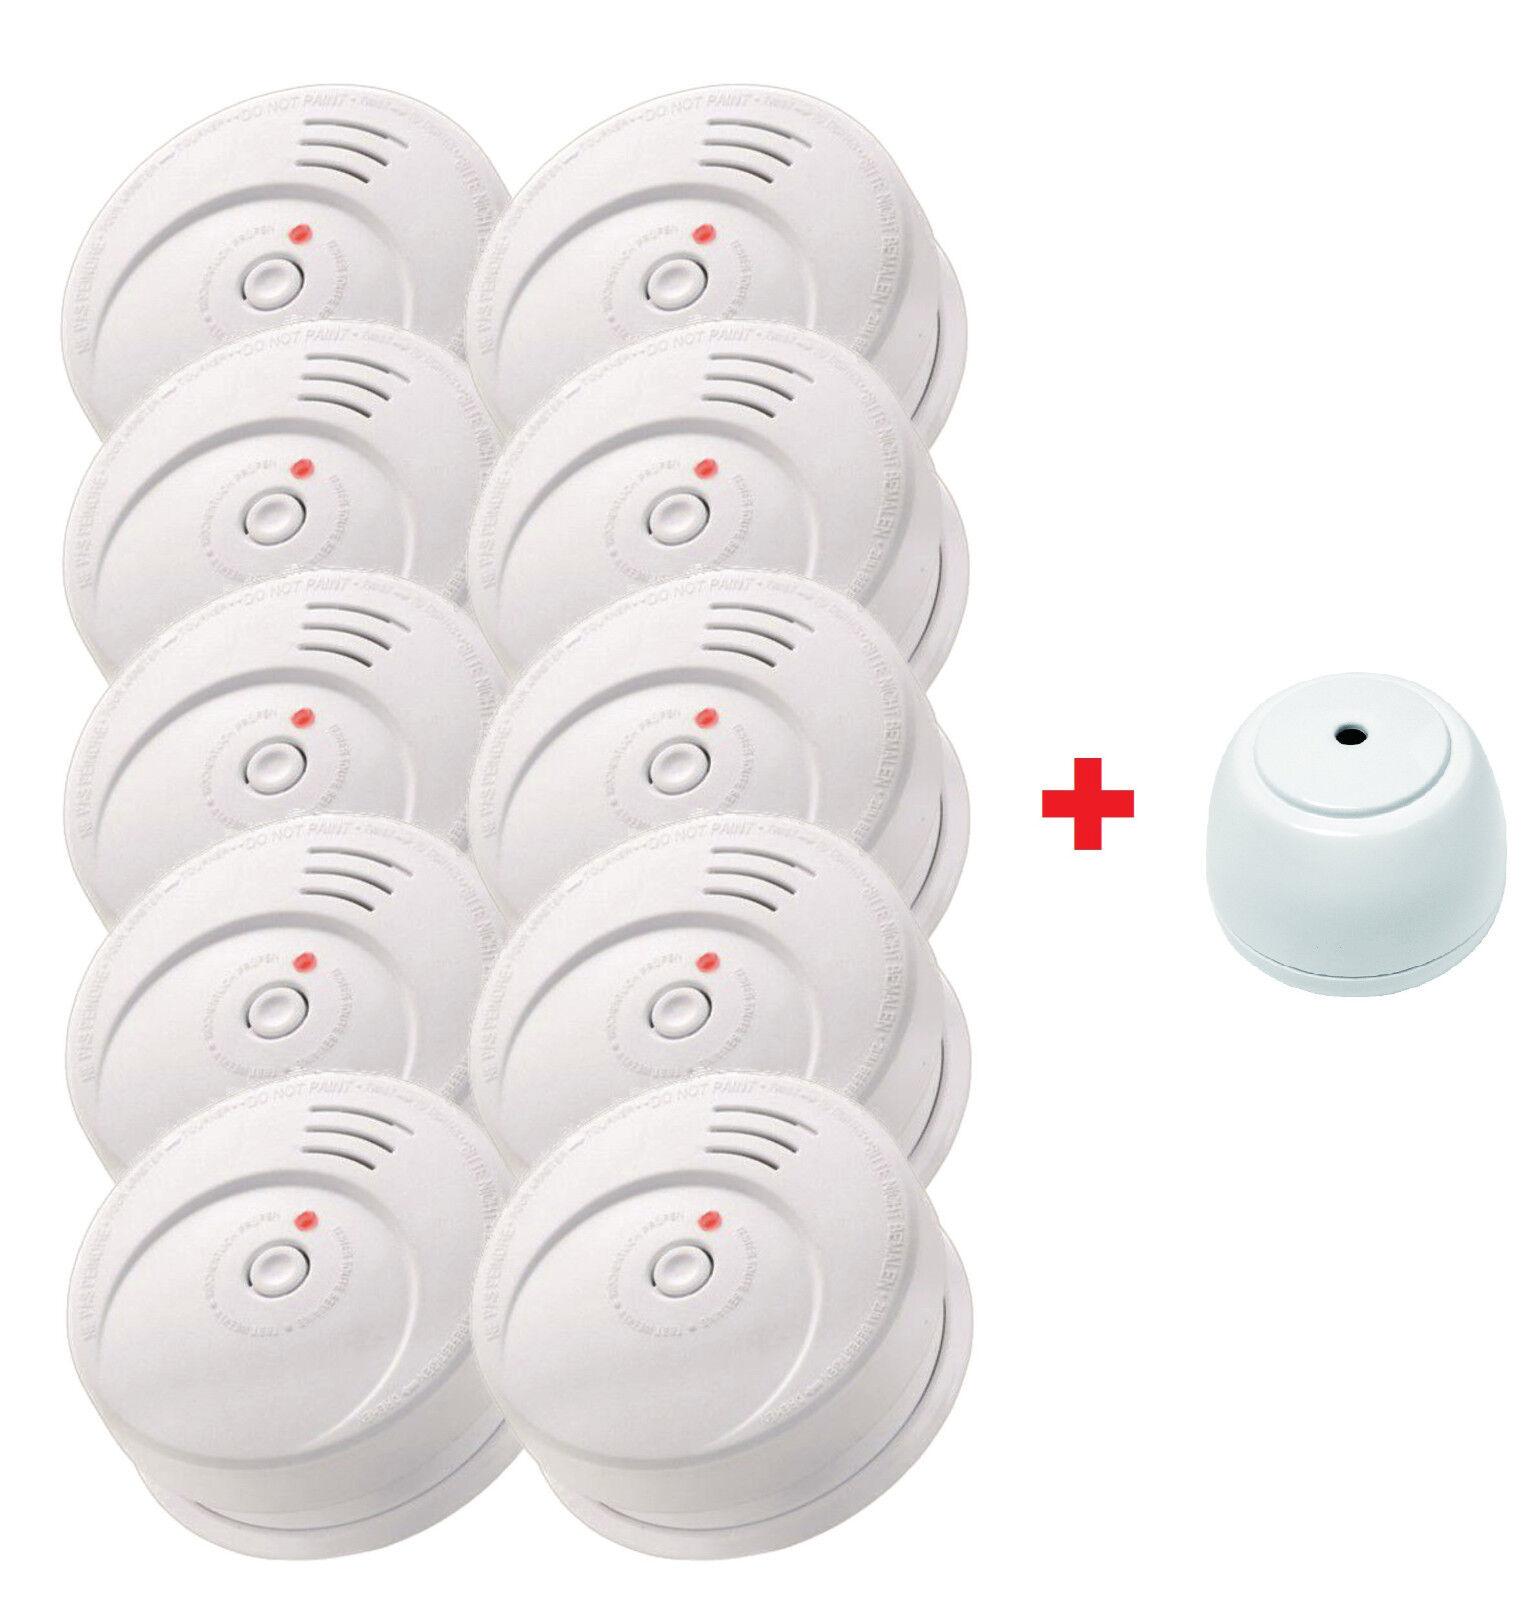 Jeising Sicherheits Set GS506 G 10er Set Rauchmelder/ gratis Wassermelder GS158